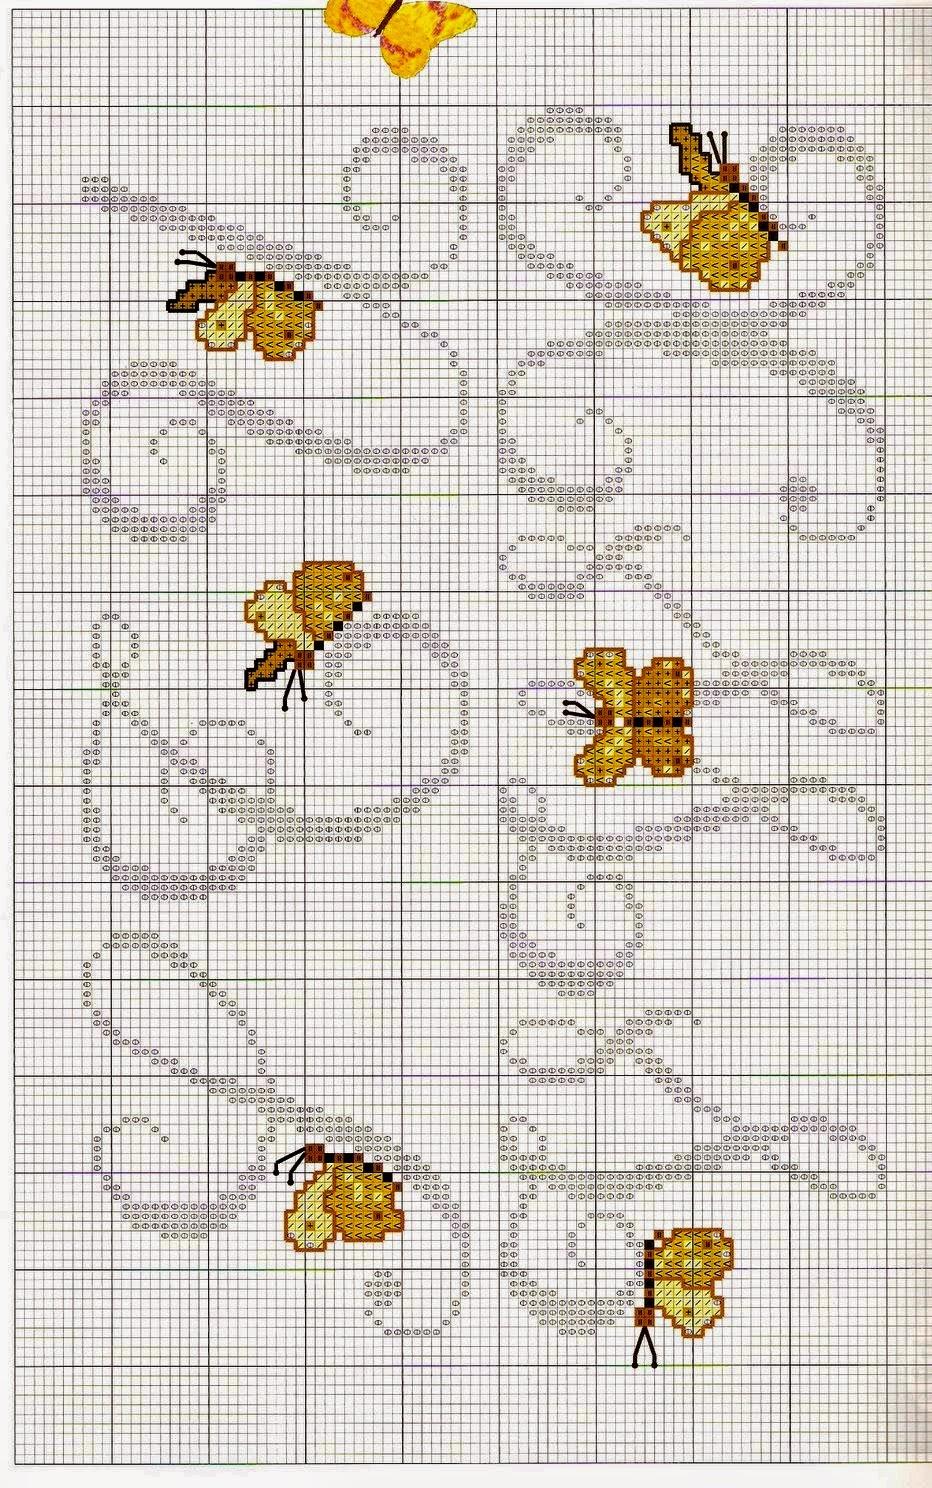 Ricami e schemi a punto croce gratuiti lettere alfabeto for Farfalle a punto croce per bambini